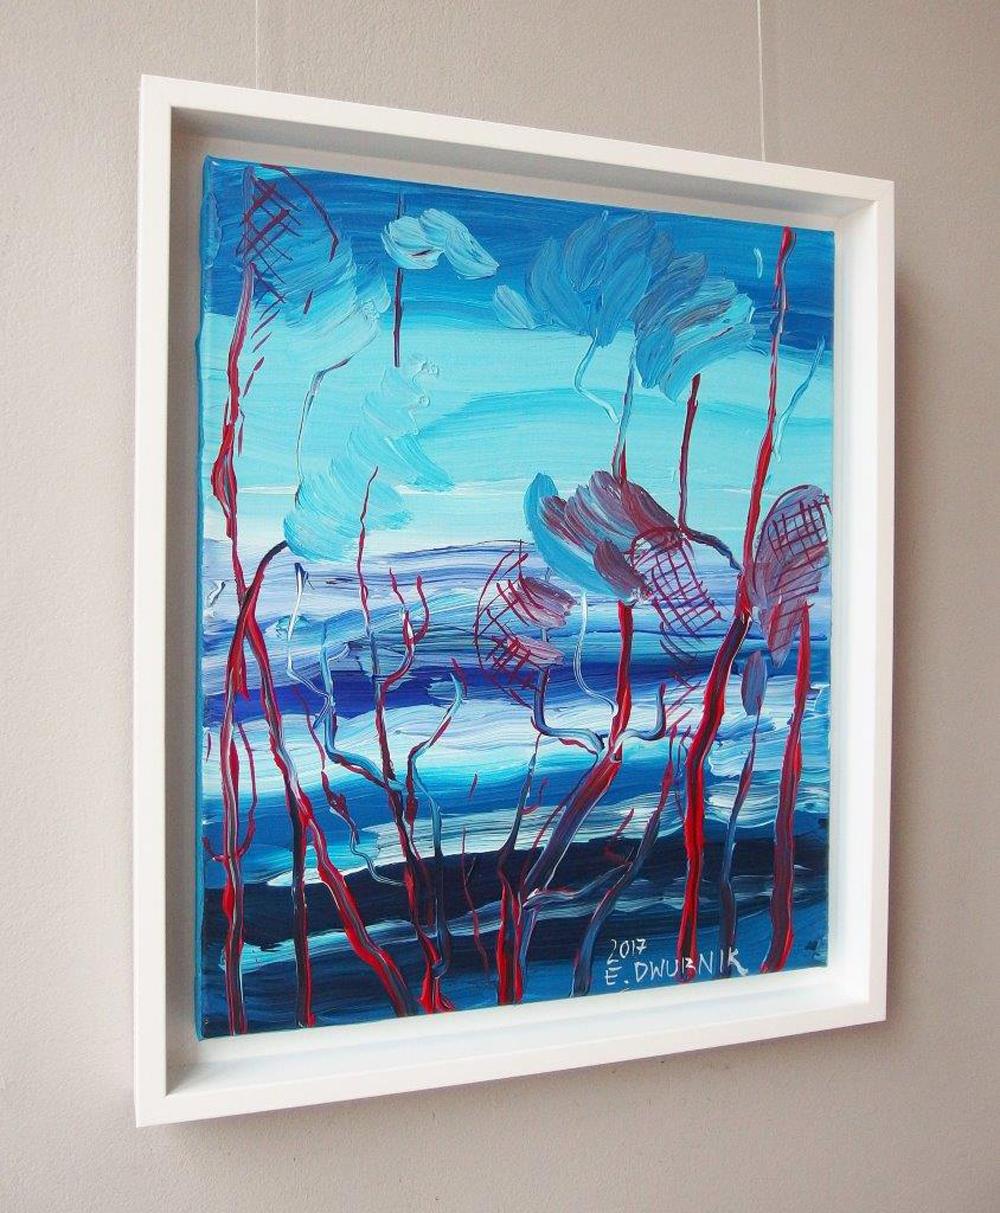 Edward Dwurnik : Pines by the sea No 1